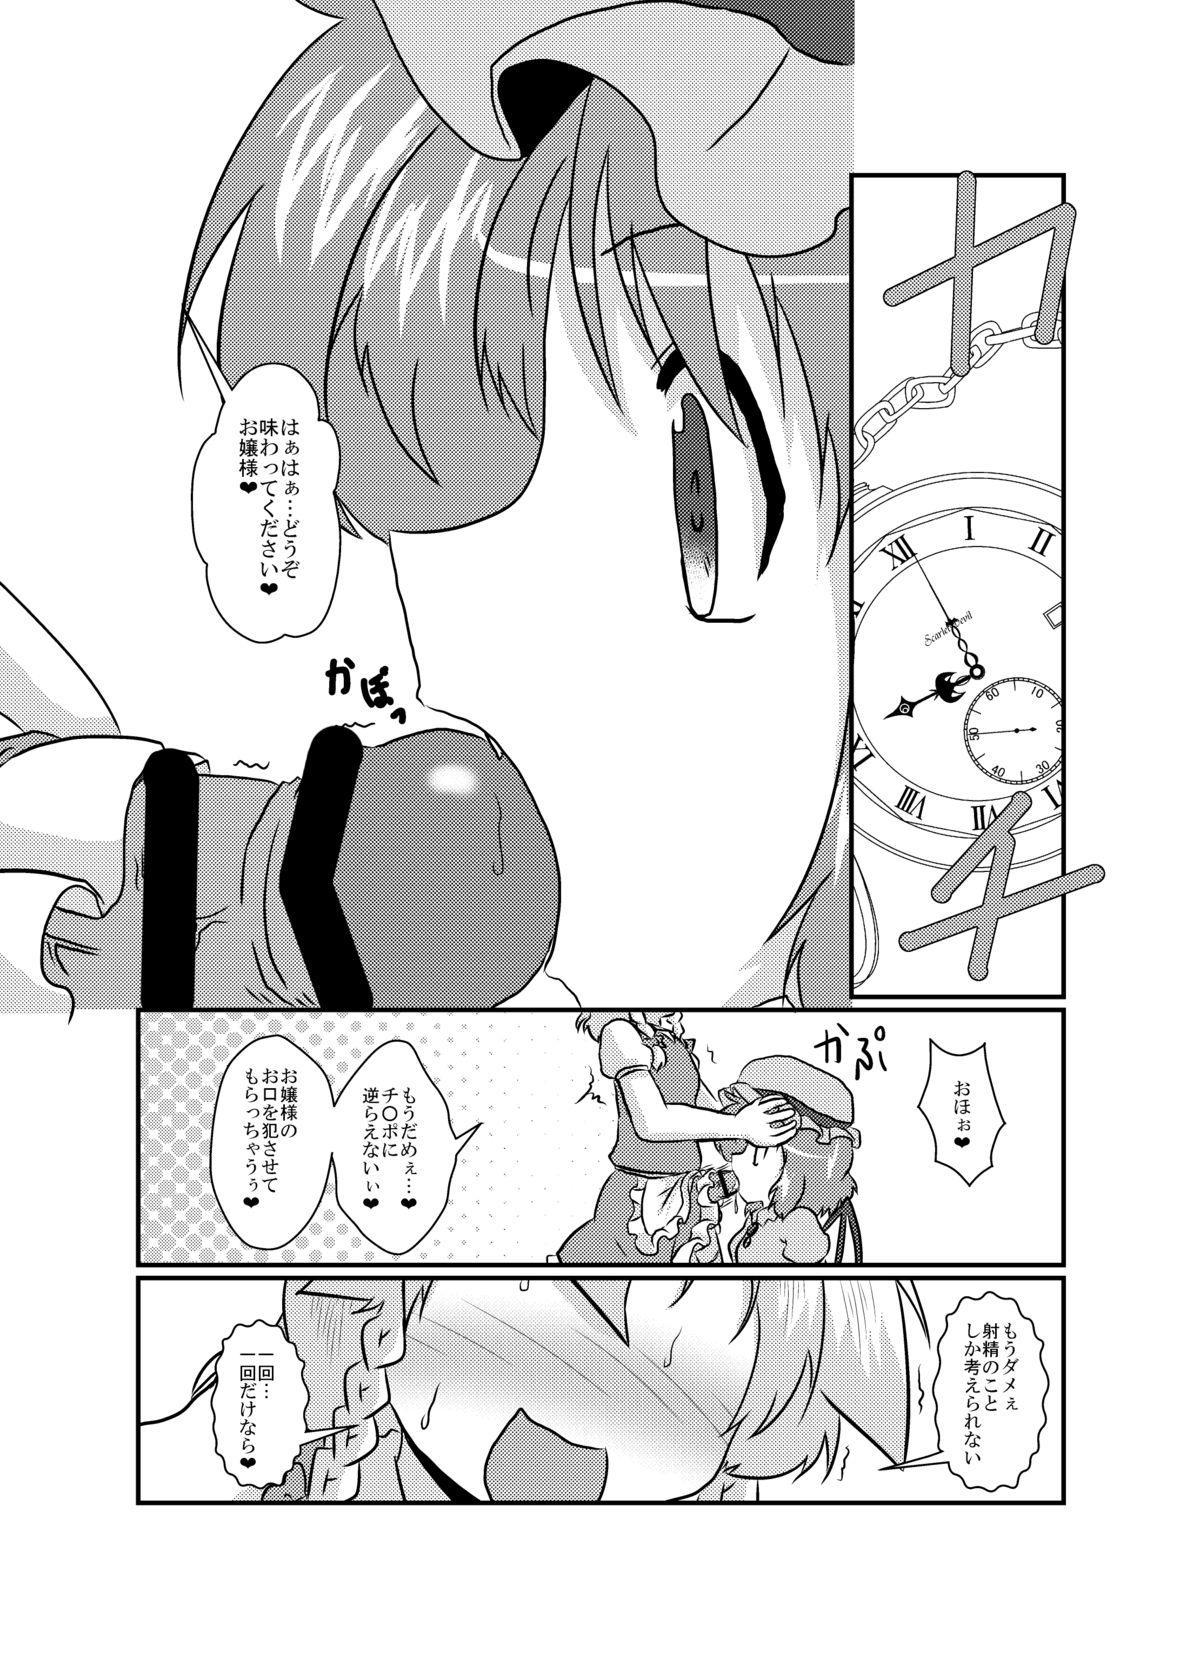 Sakuya-San no Haeteru Nichijou 26